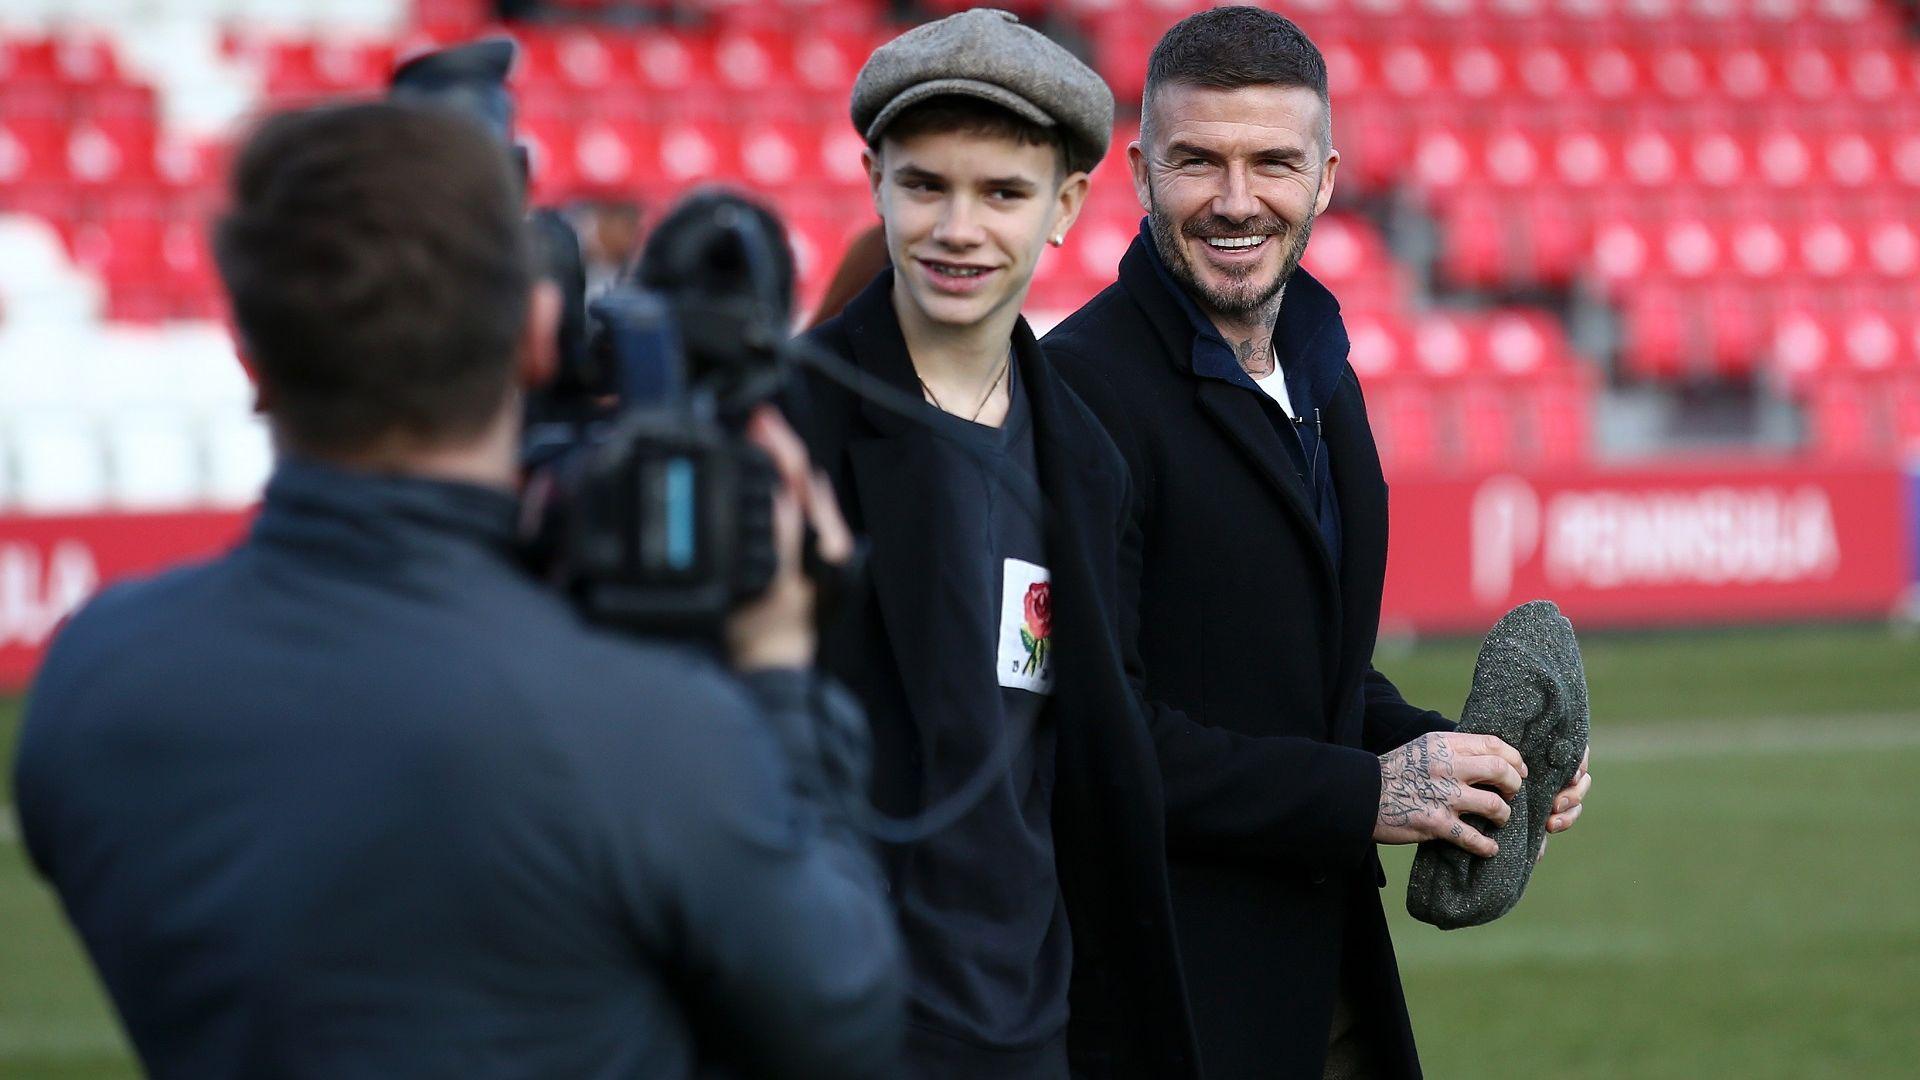 Синът на Дейвид Бекъм направи професионален дебют във футбола